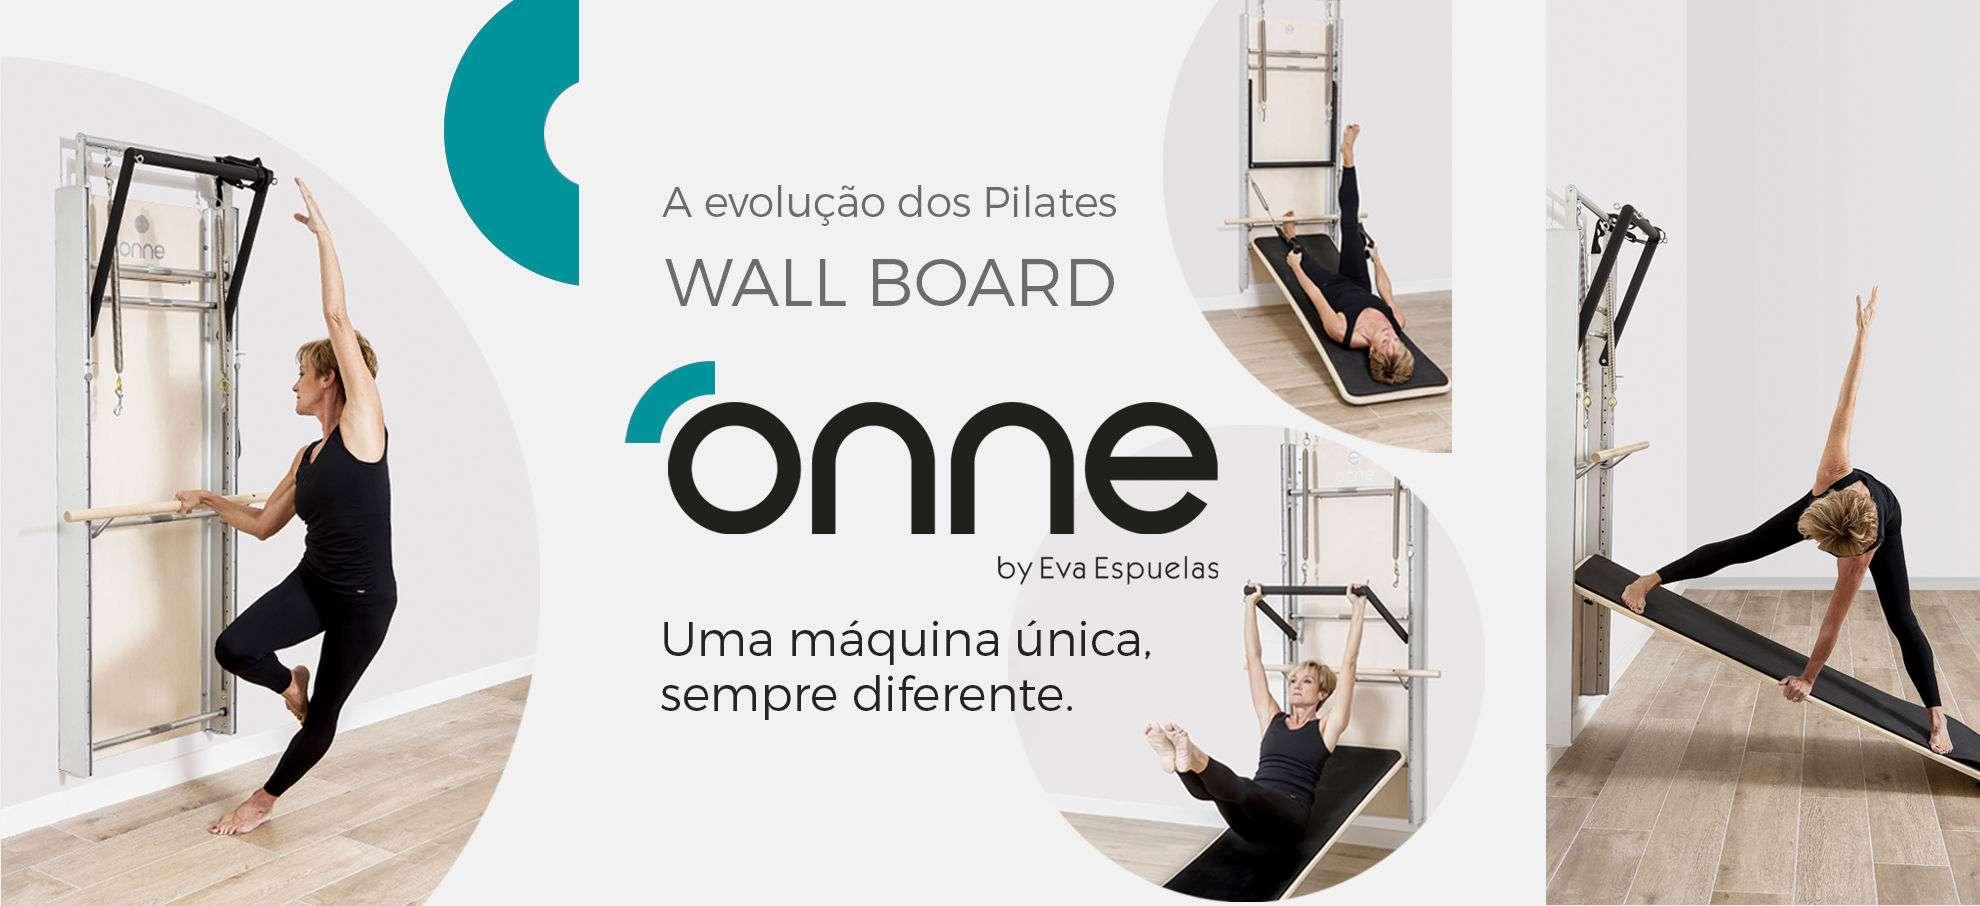 Wall Board ONNE (by Eva Espuelas)